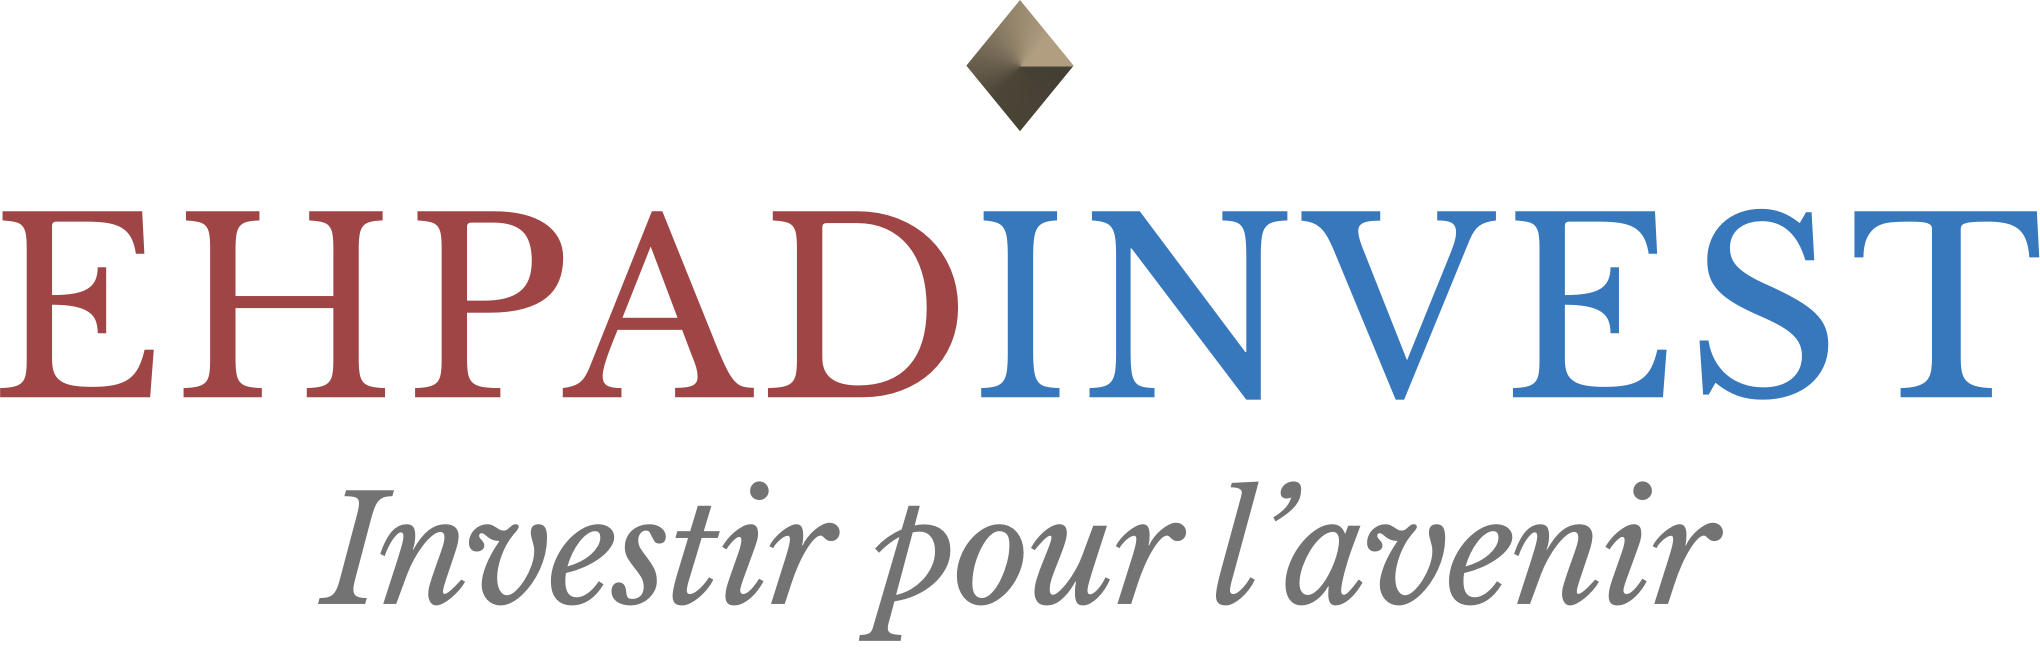 Le groupe EHPAD INVEST souhaite faire des acquisitions de sociétés dans le secteur des EHPAD.